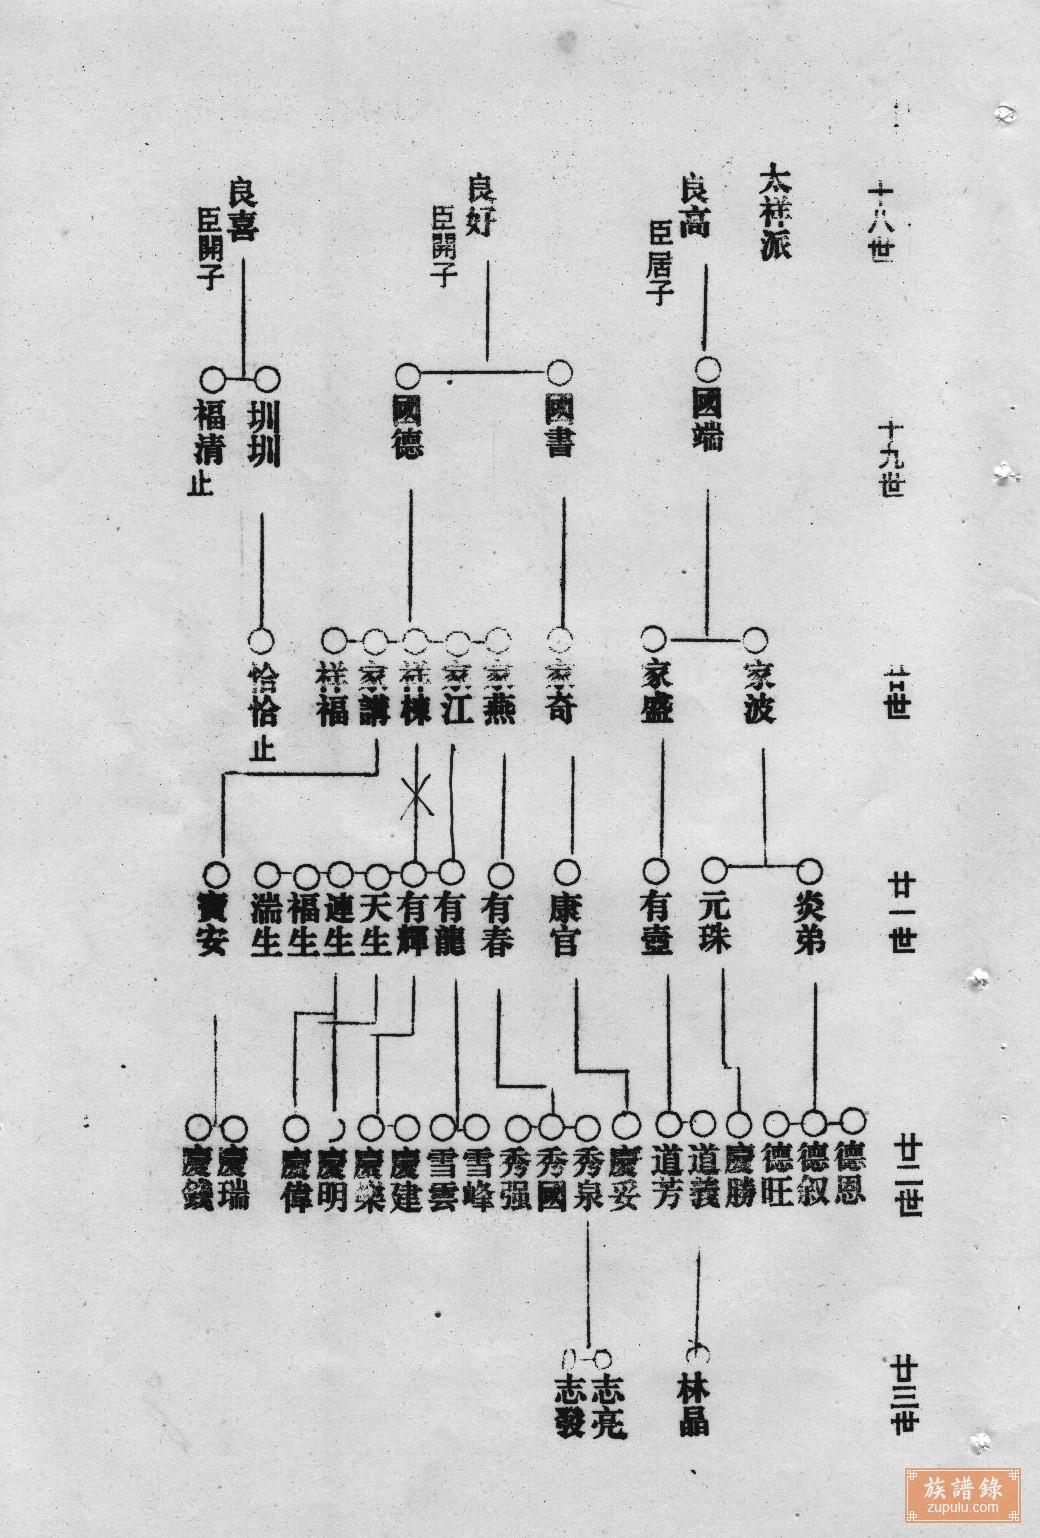 李氏家族权力世系图